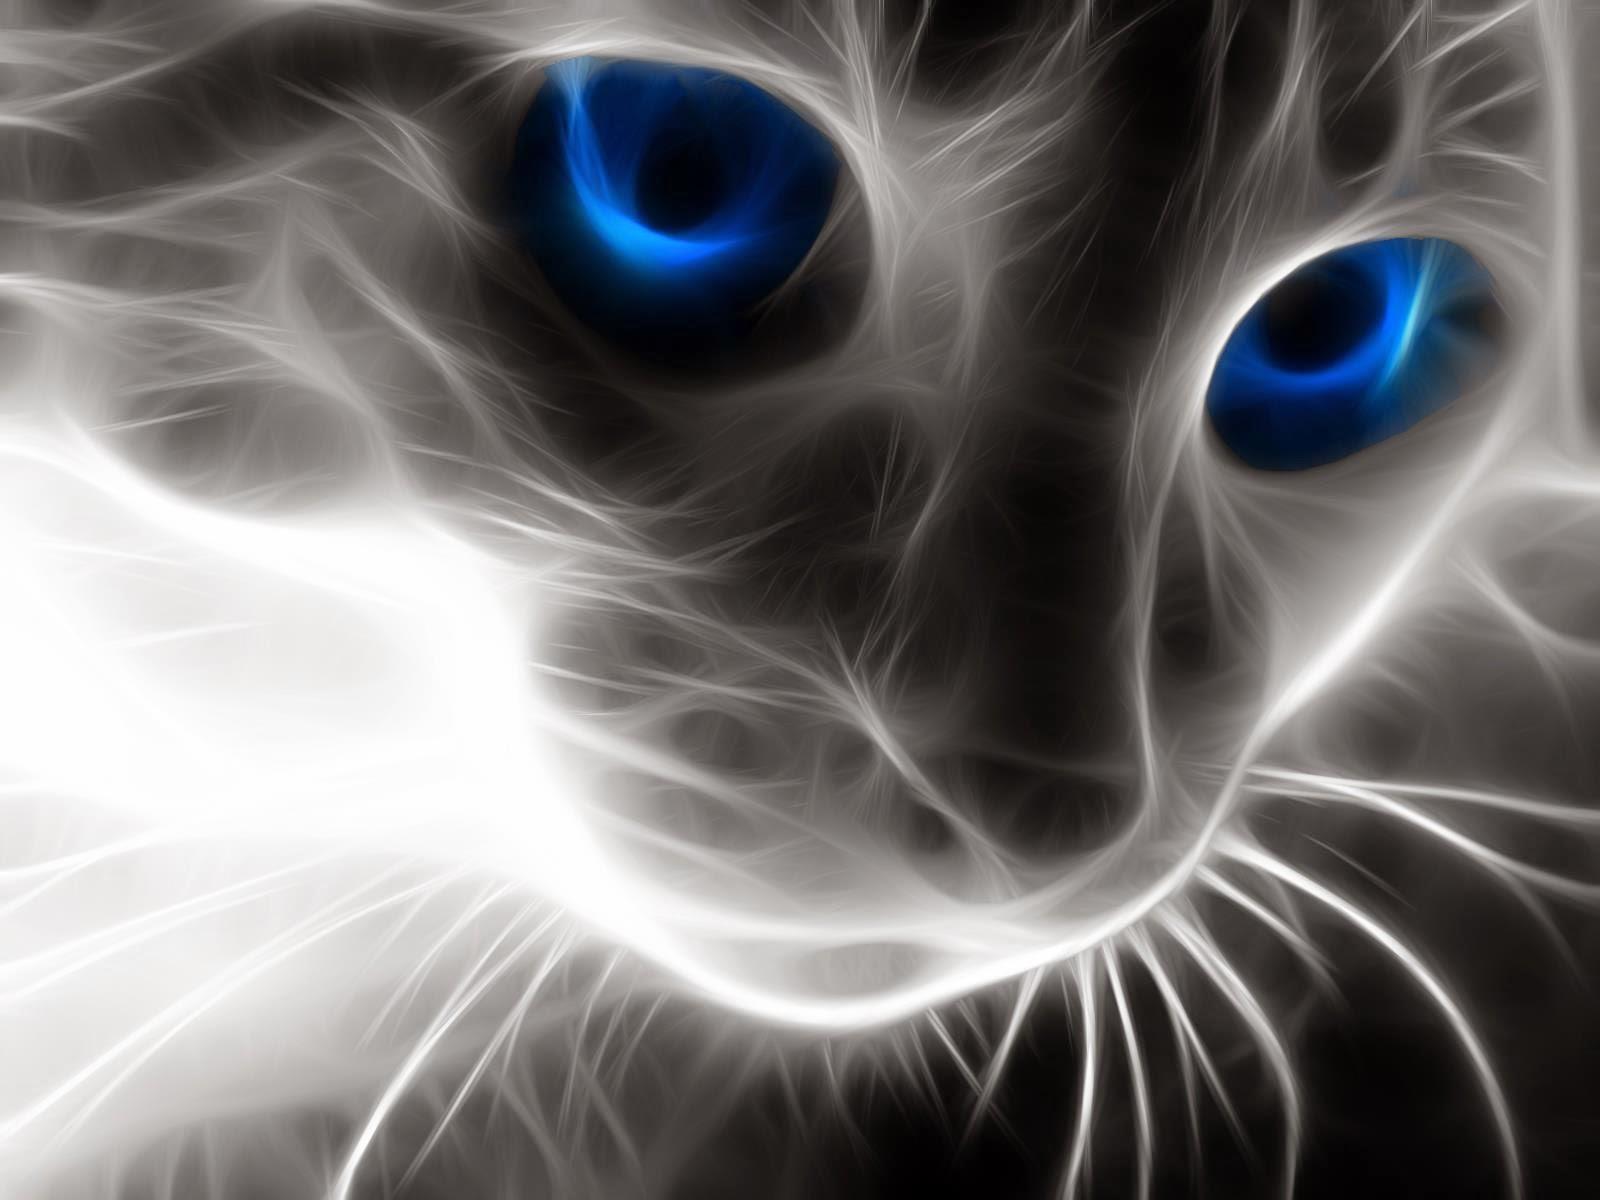 chat totalement gratuit nous liberin